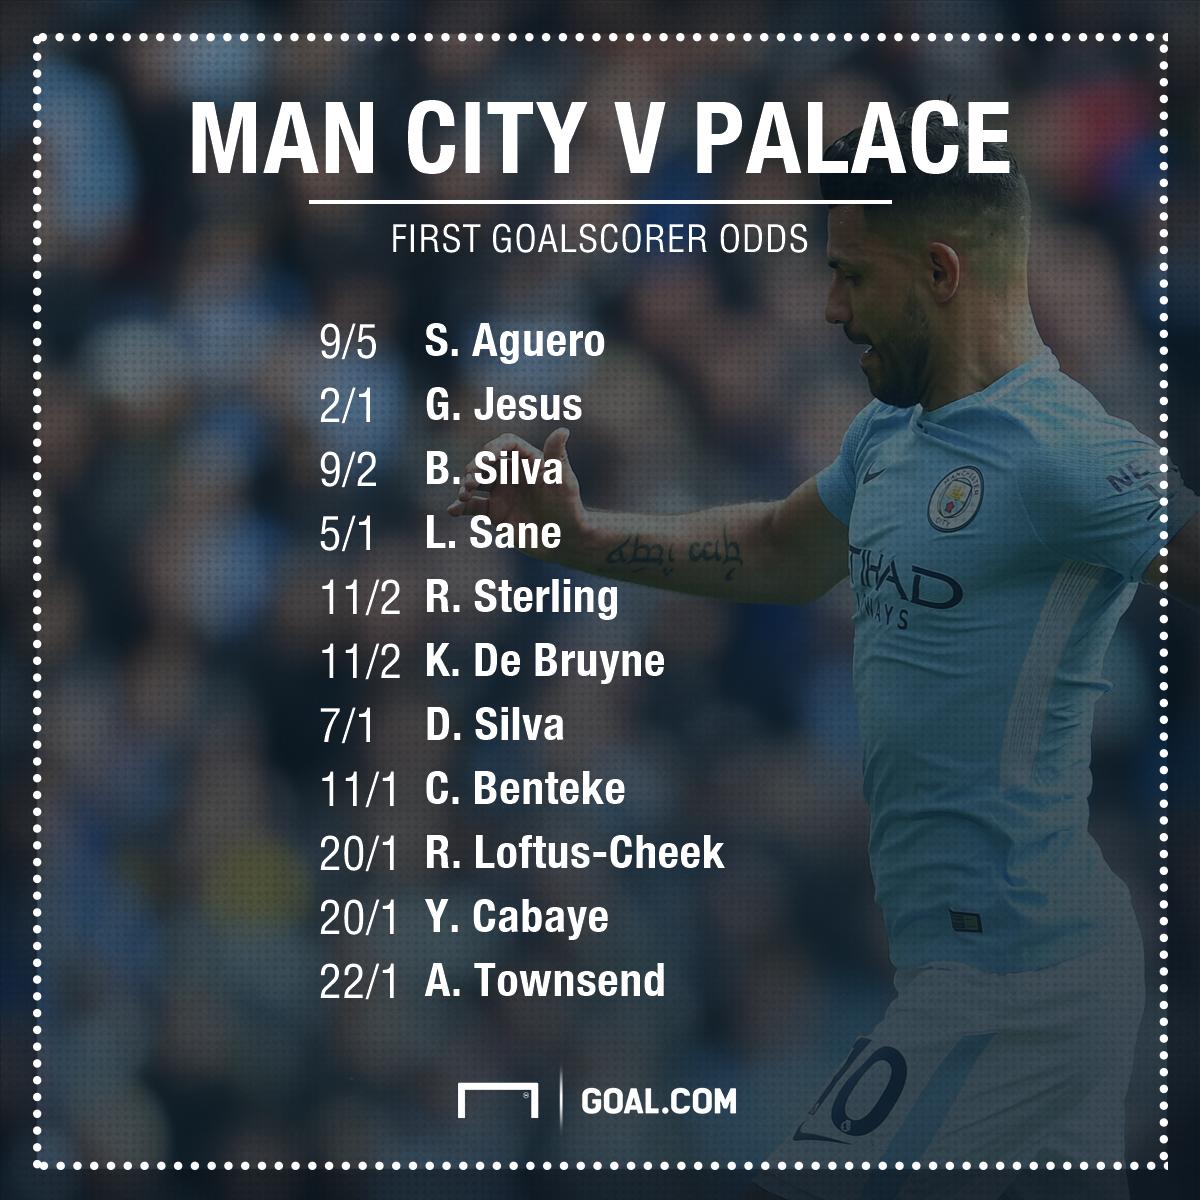 Man City Palace betting